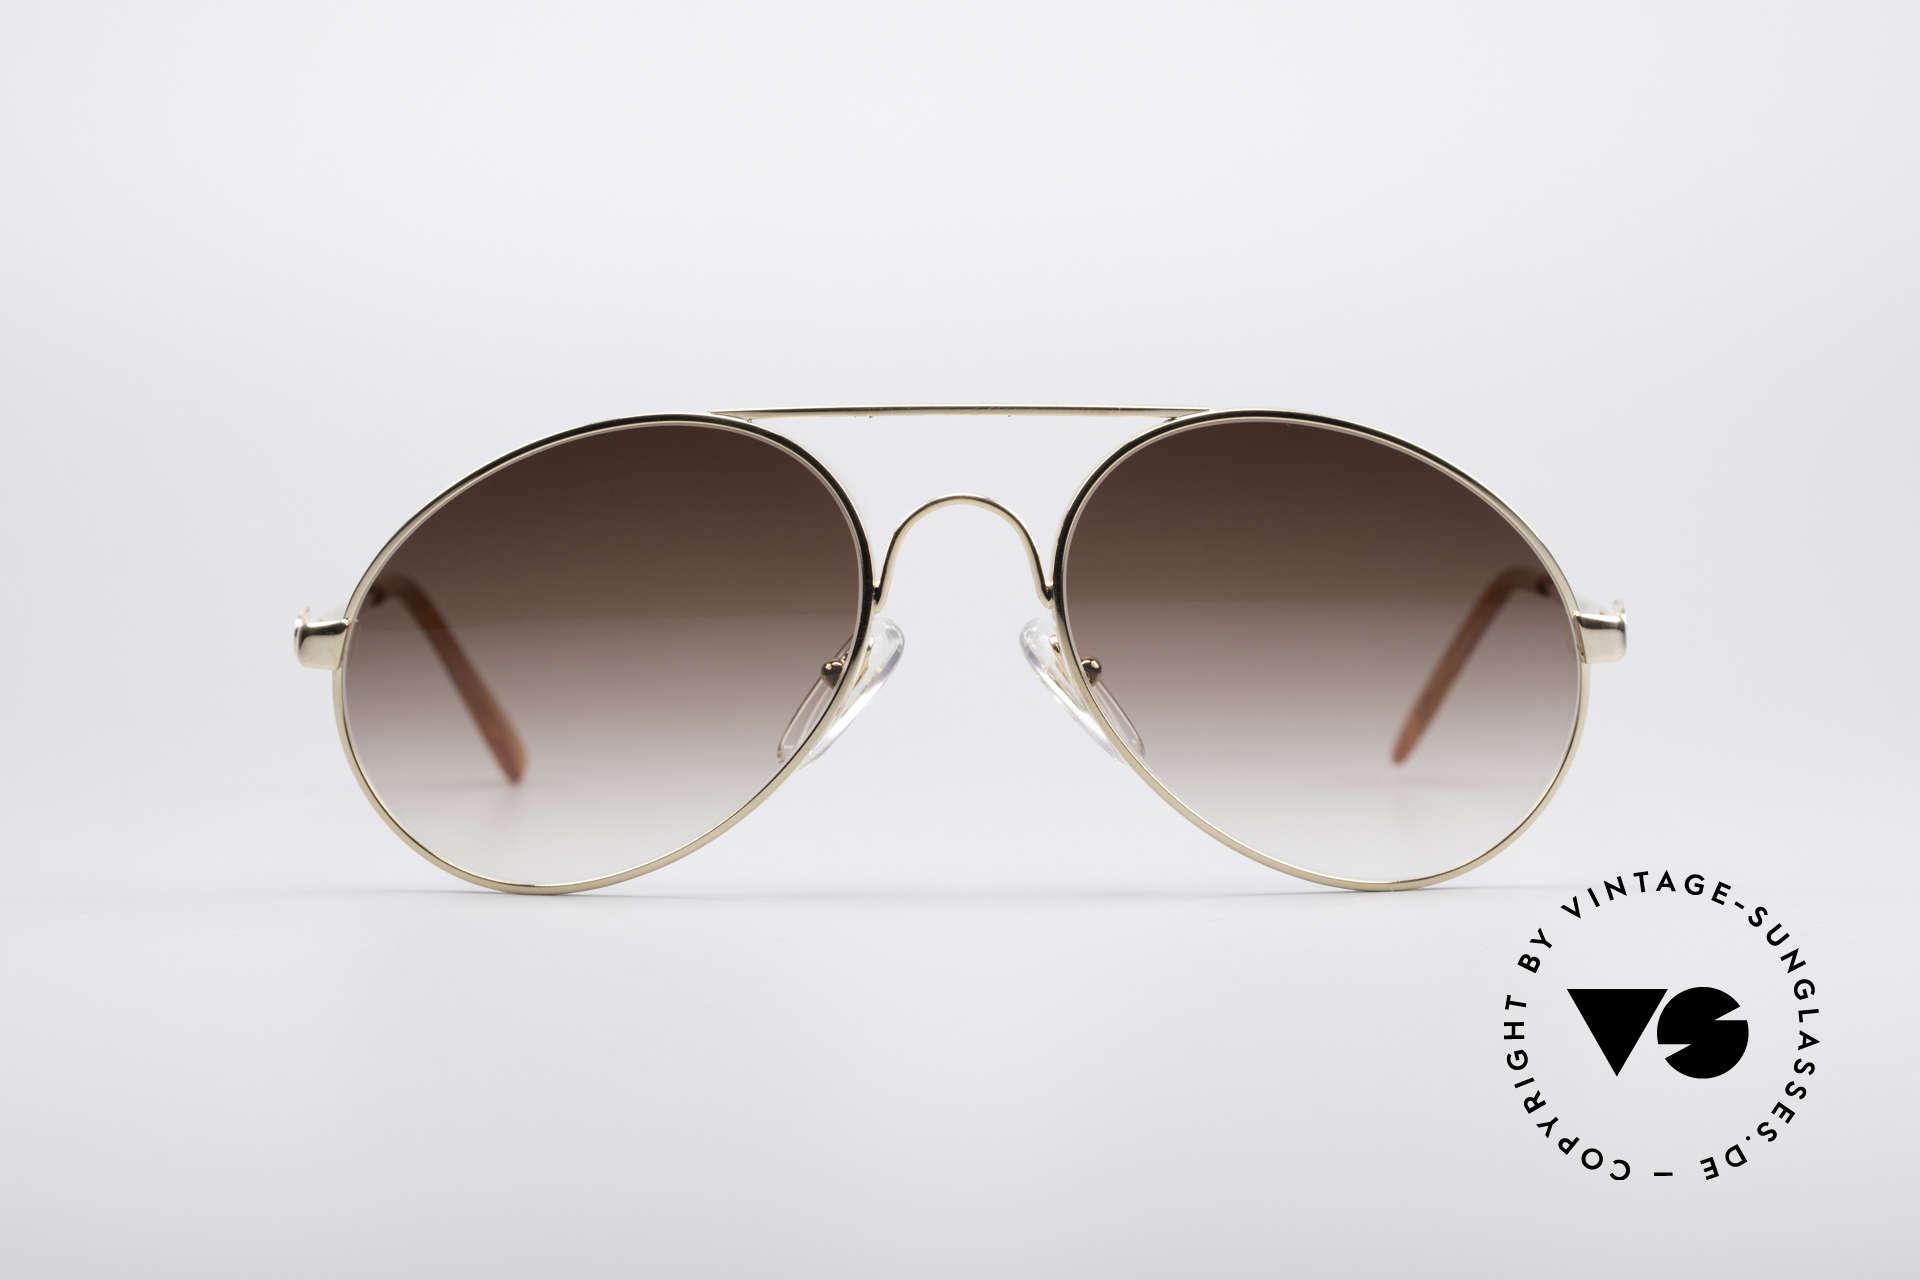 Bugatti 65986 80er Luxus Sonnenbrille, in typischer / legendärer Bugatti-Tropfenform, Passend für Herren